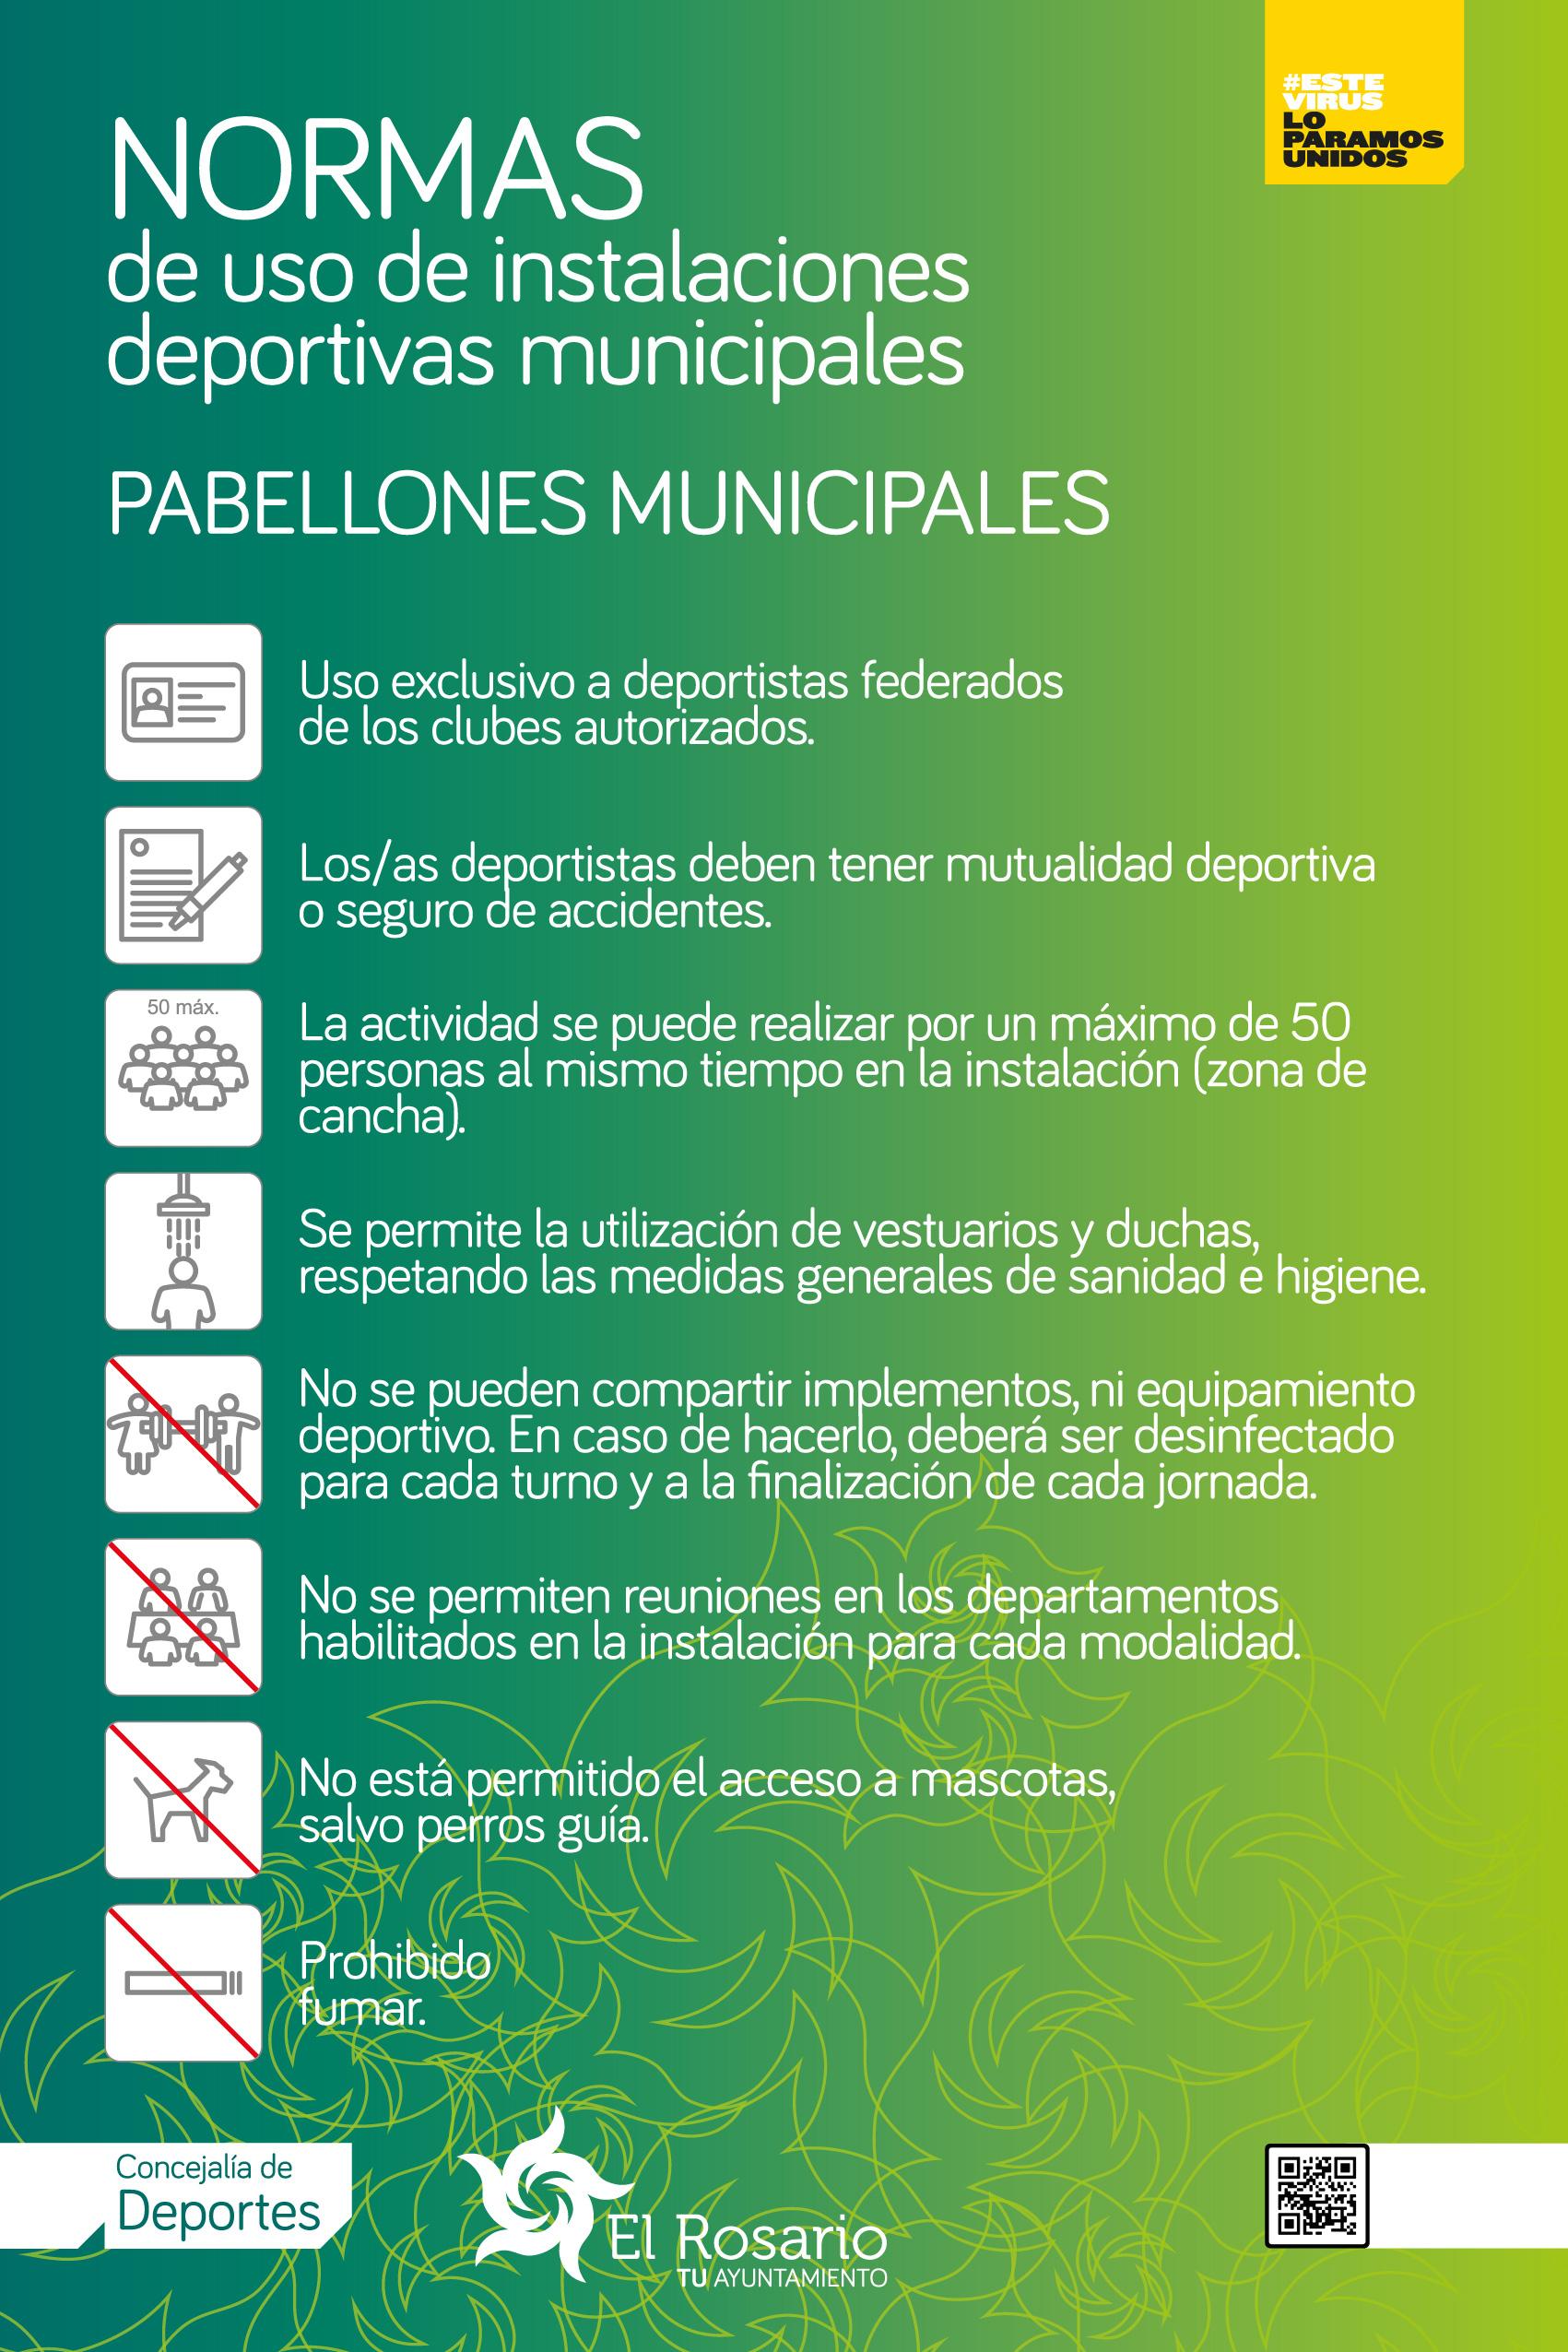 NORMAS-Instalaciones_deportivas-20200600-cartel_600x900-20200717-01af-rrss2